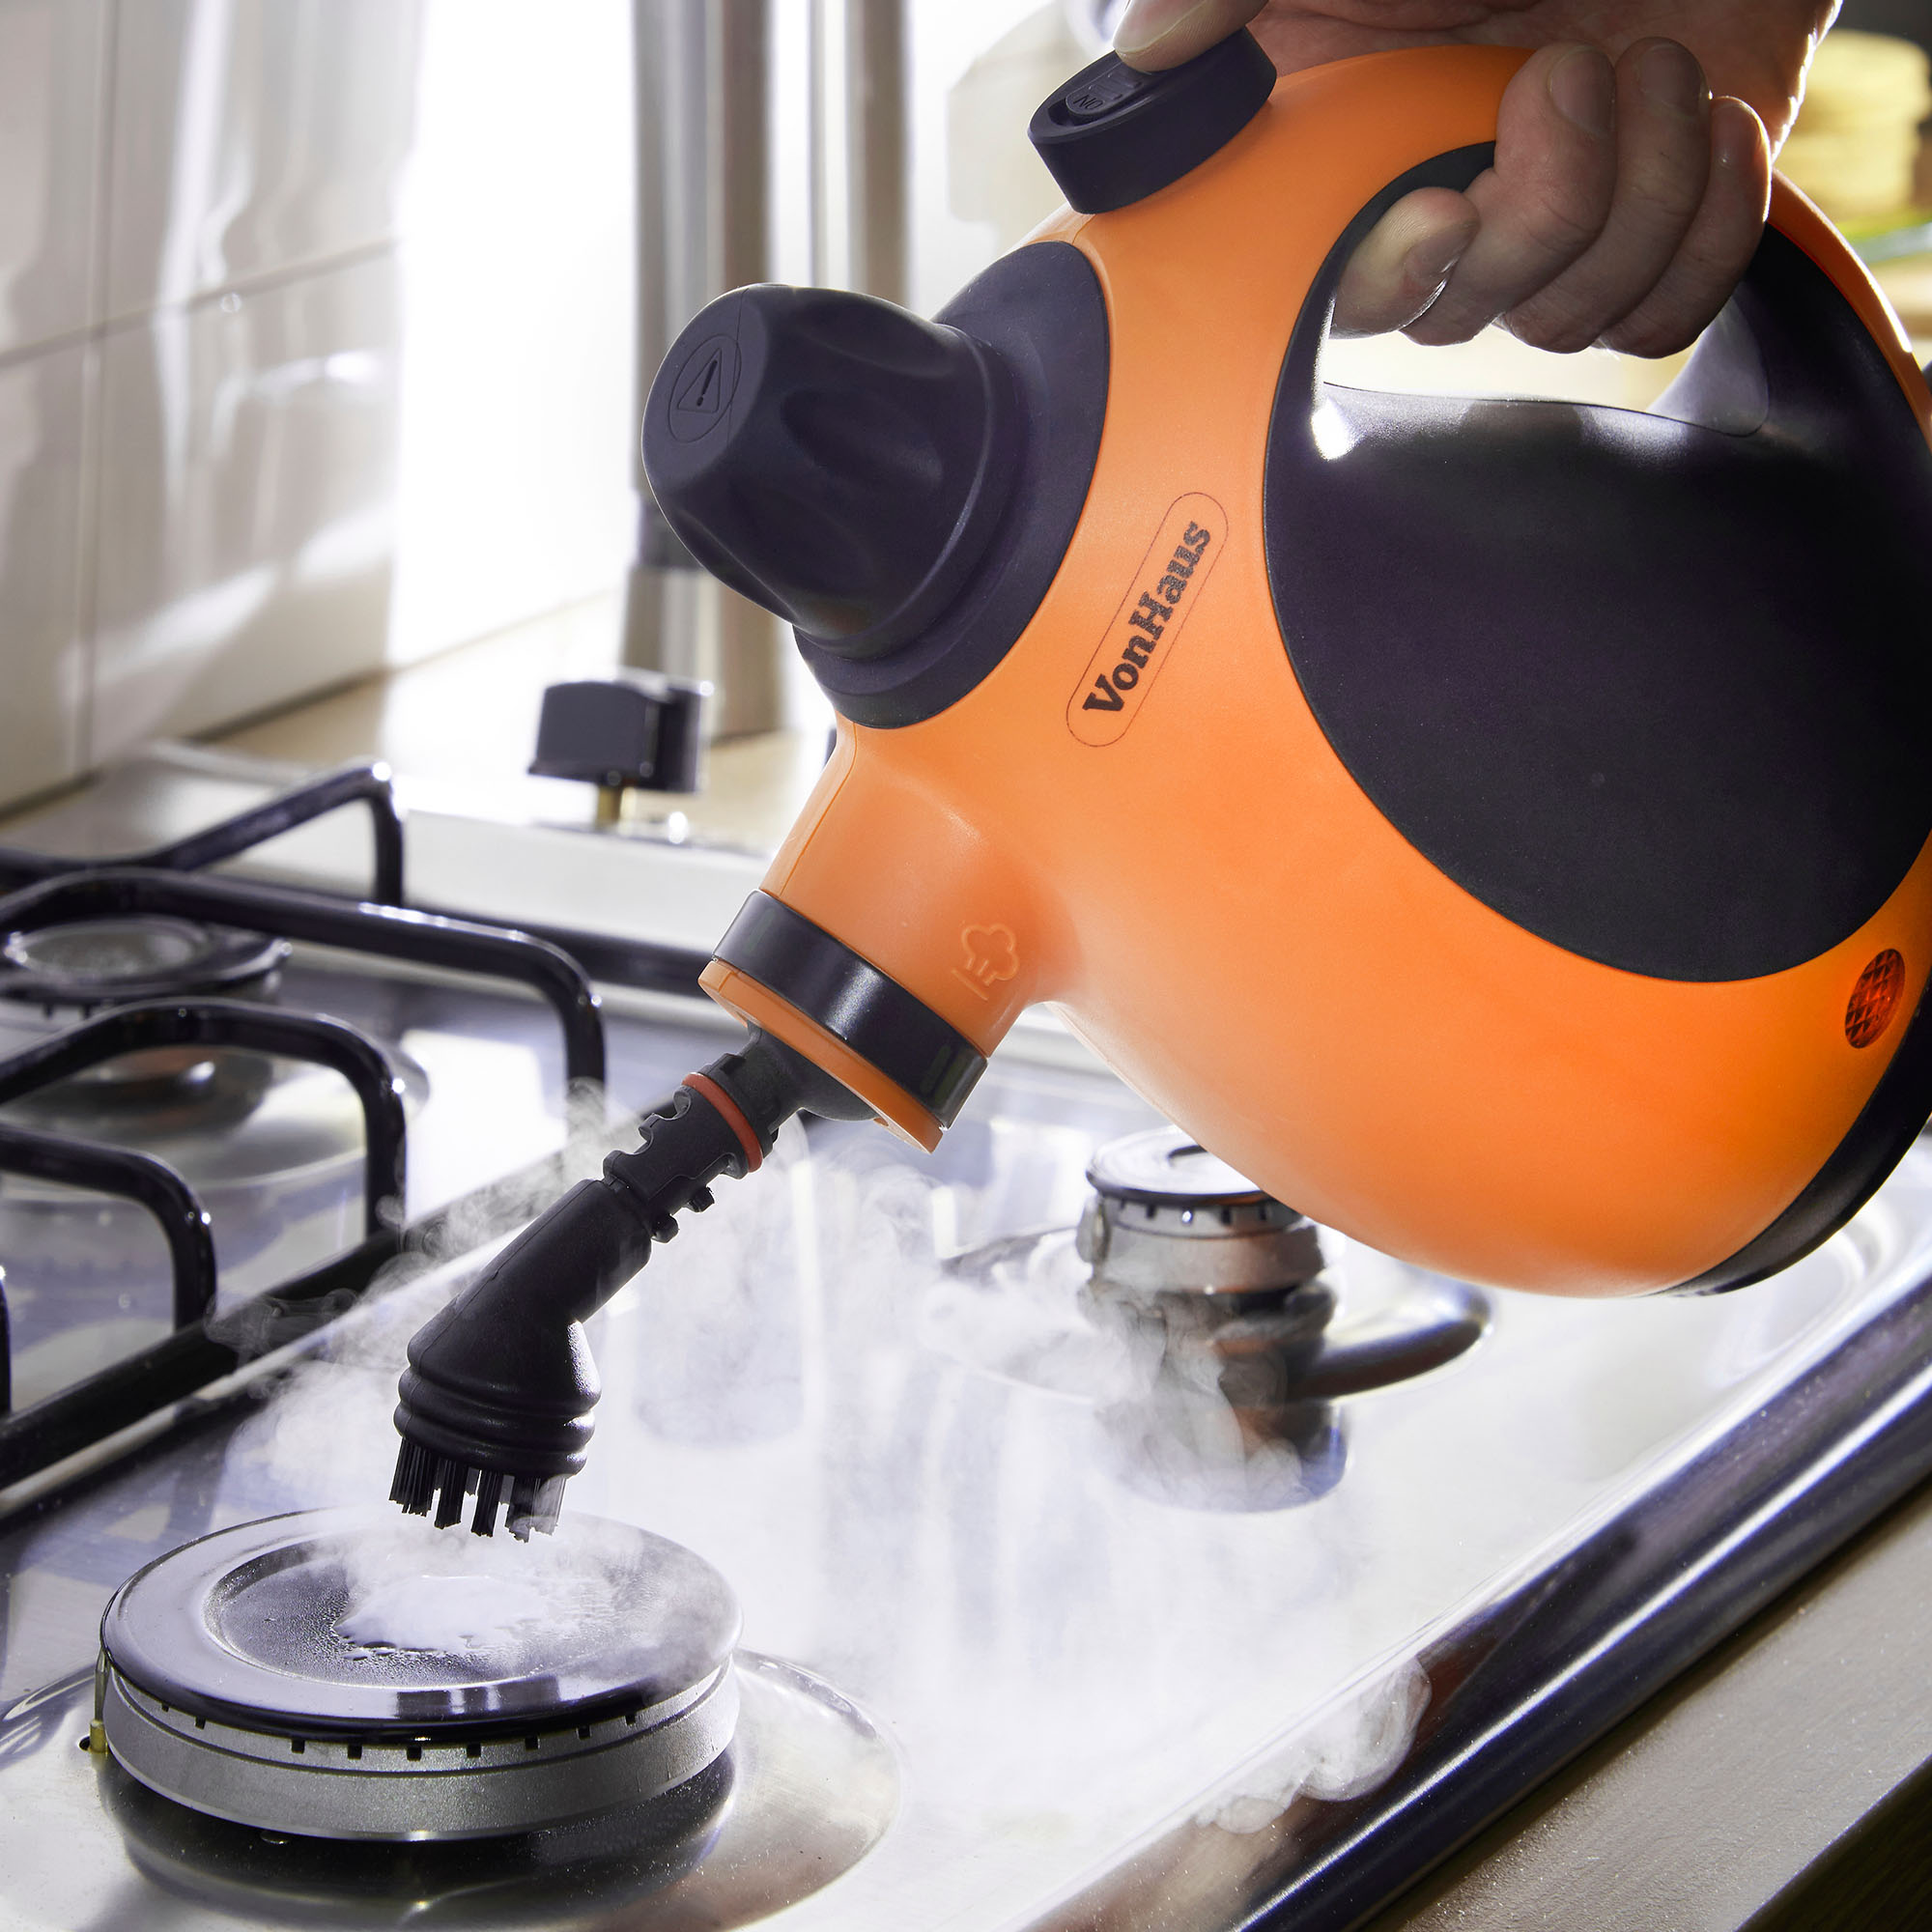 vonhaus hand held portable electric steam cleaner steamer